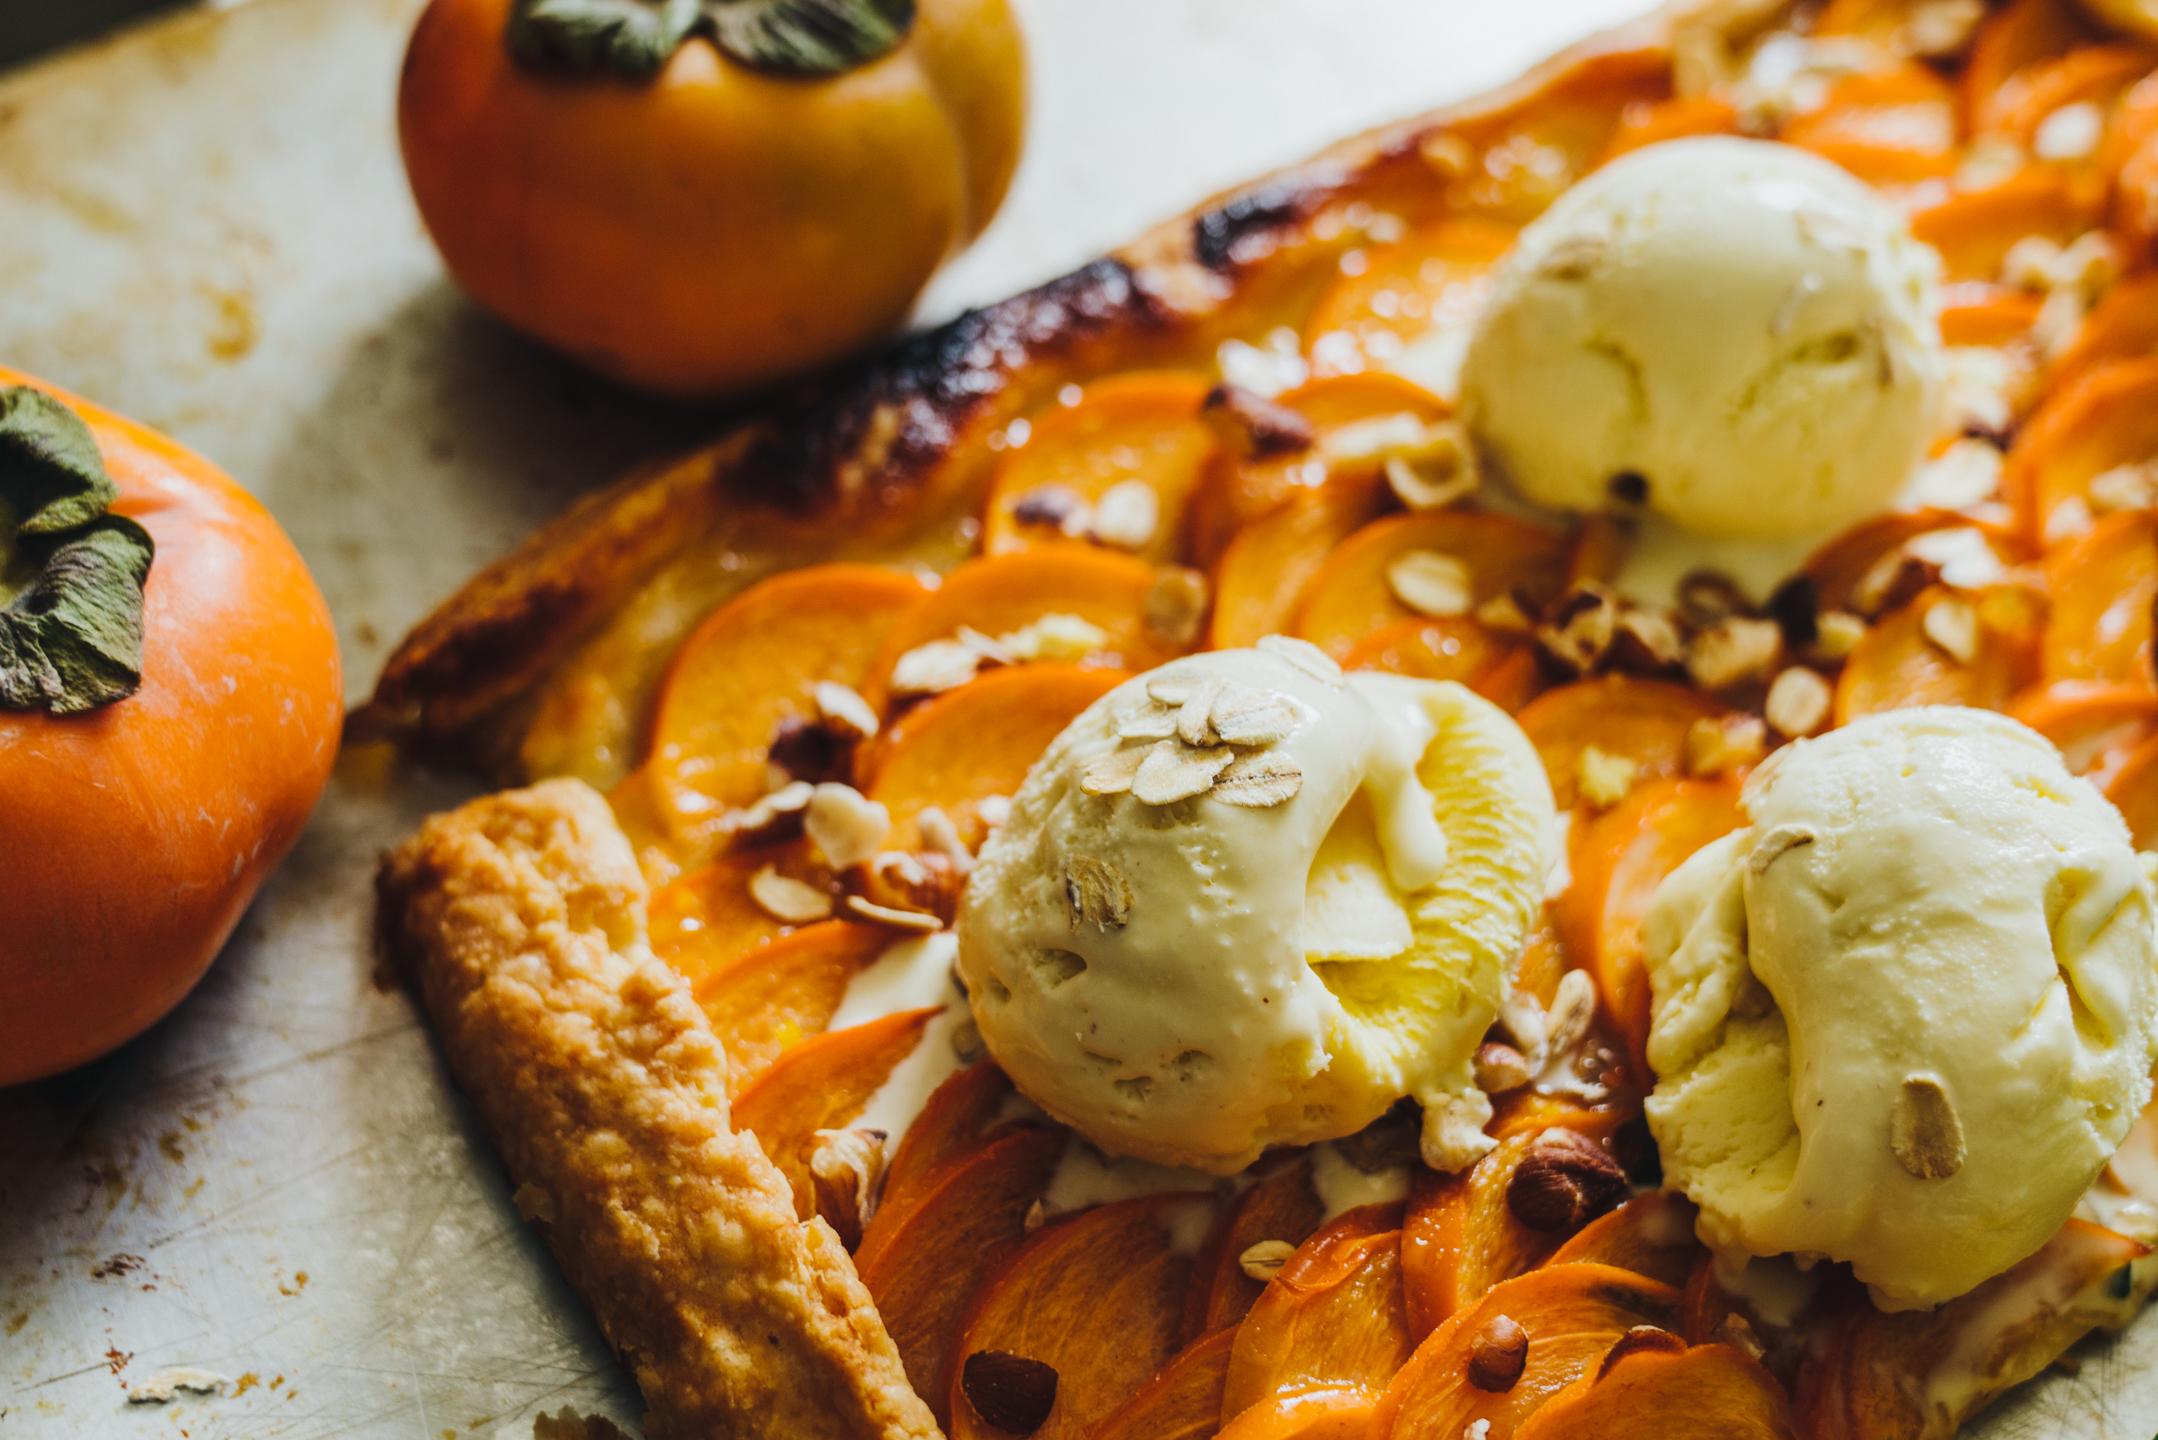 oatmeal ice cream recipe: fall dessert idea